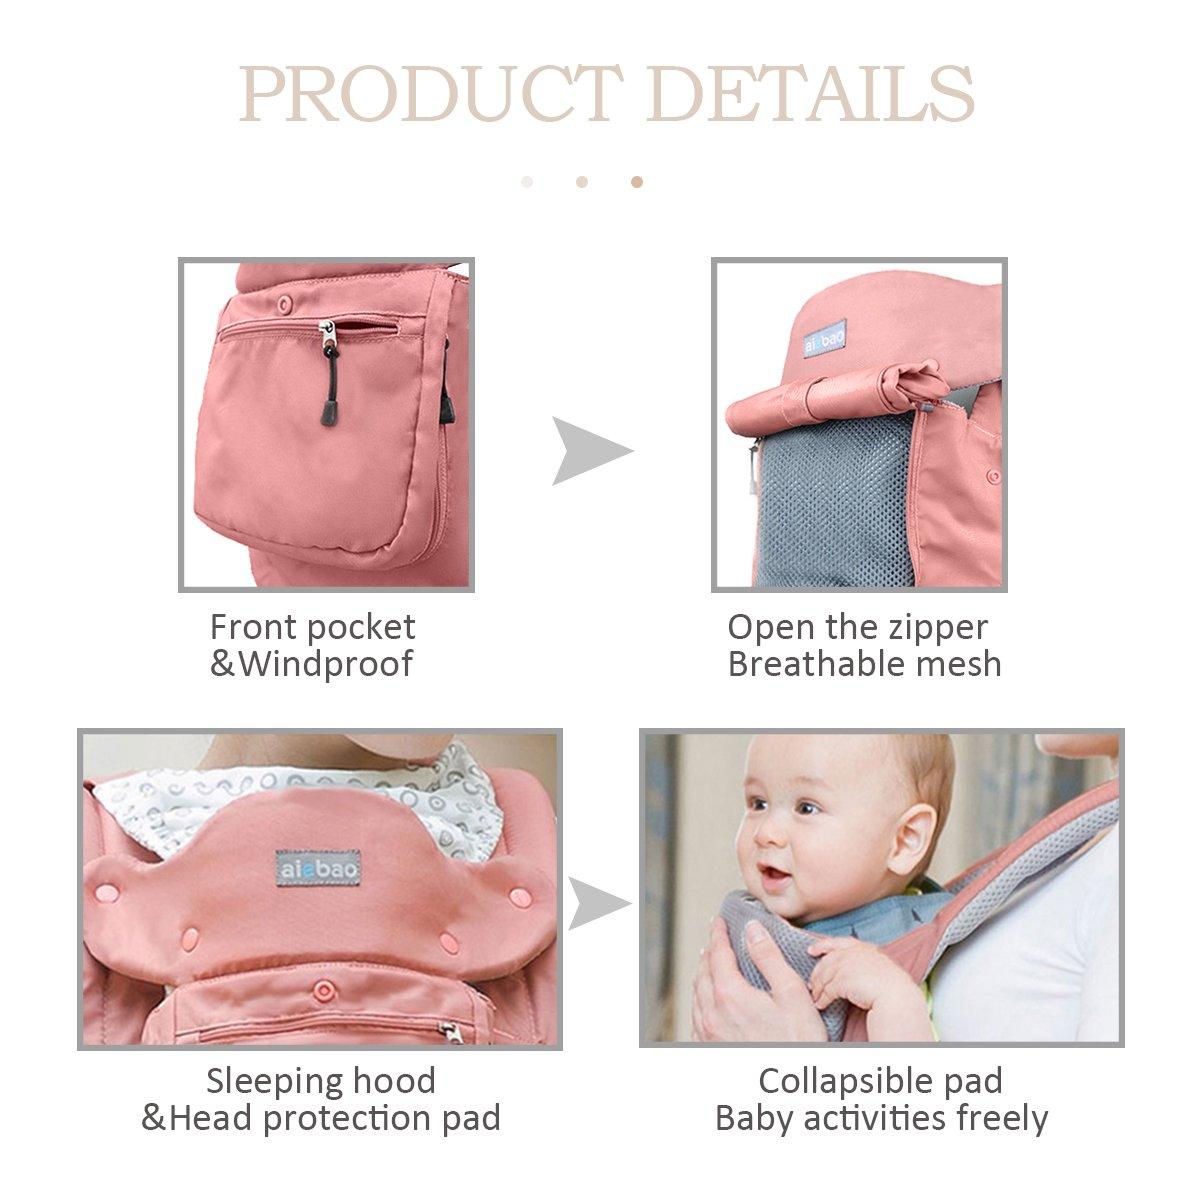 Rosa SONARIN Vier Jahreszeiten Ergonomische Hipseat Baby Carrier Babytrage,Oxford Stoff,6 Tragepositionen,Atmungsaktive Mesh-Unterst/ützung,Freie Gr/ö/ße,100/% Unbegrenzt Garantie,Ideal Geschenk